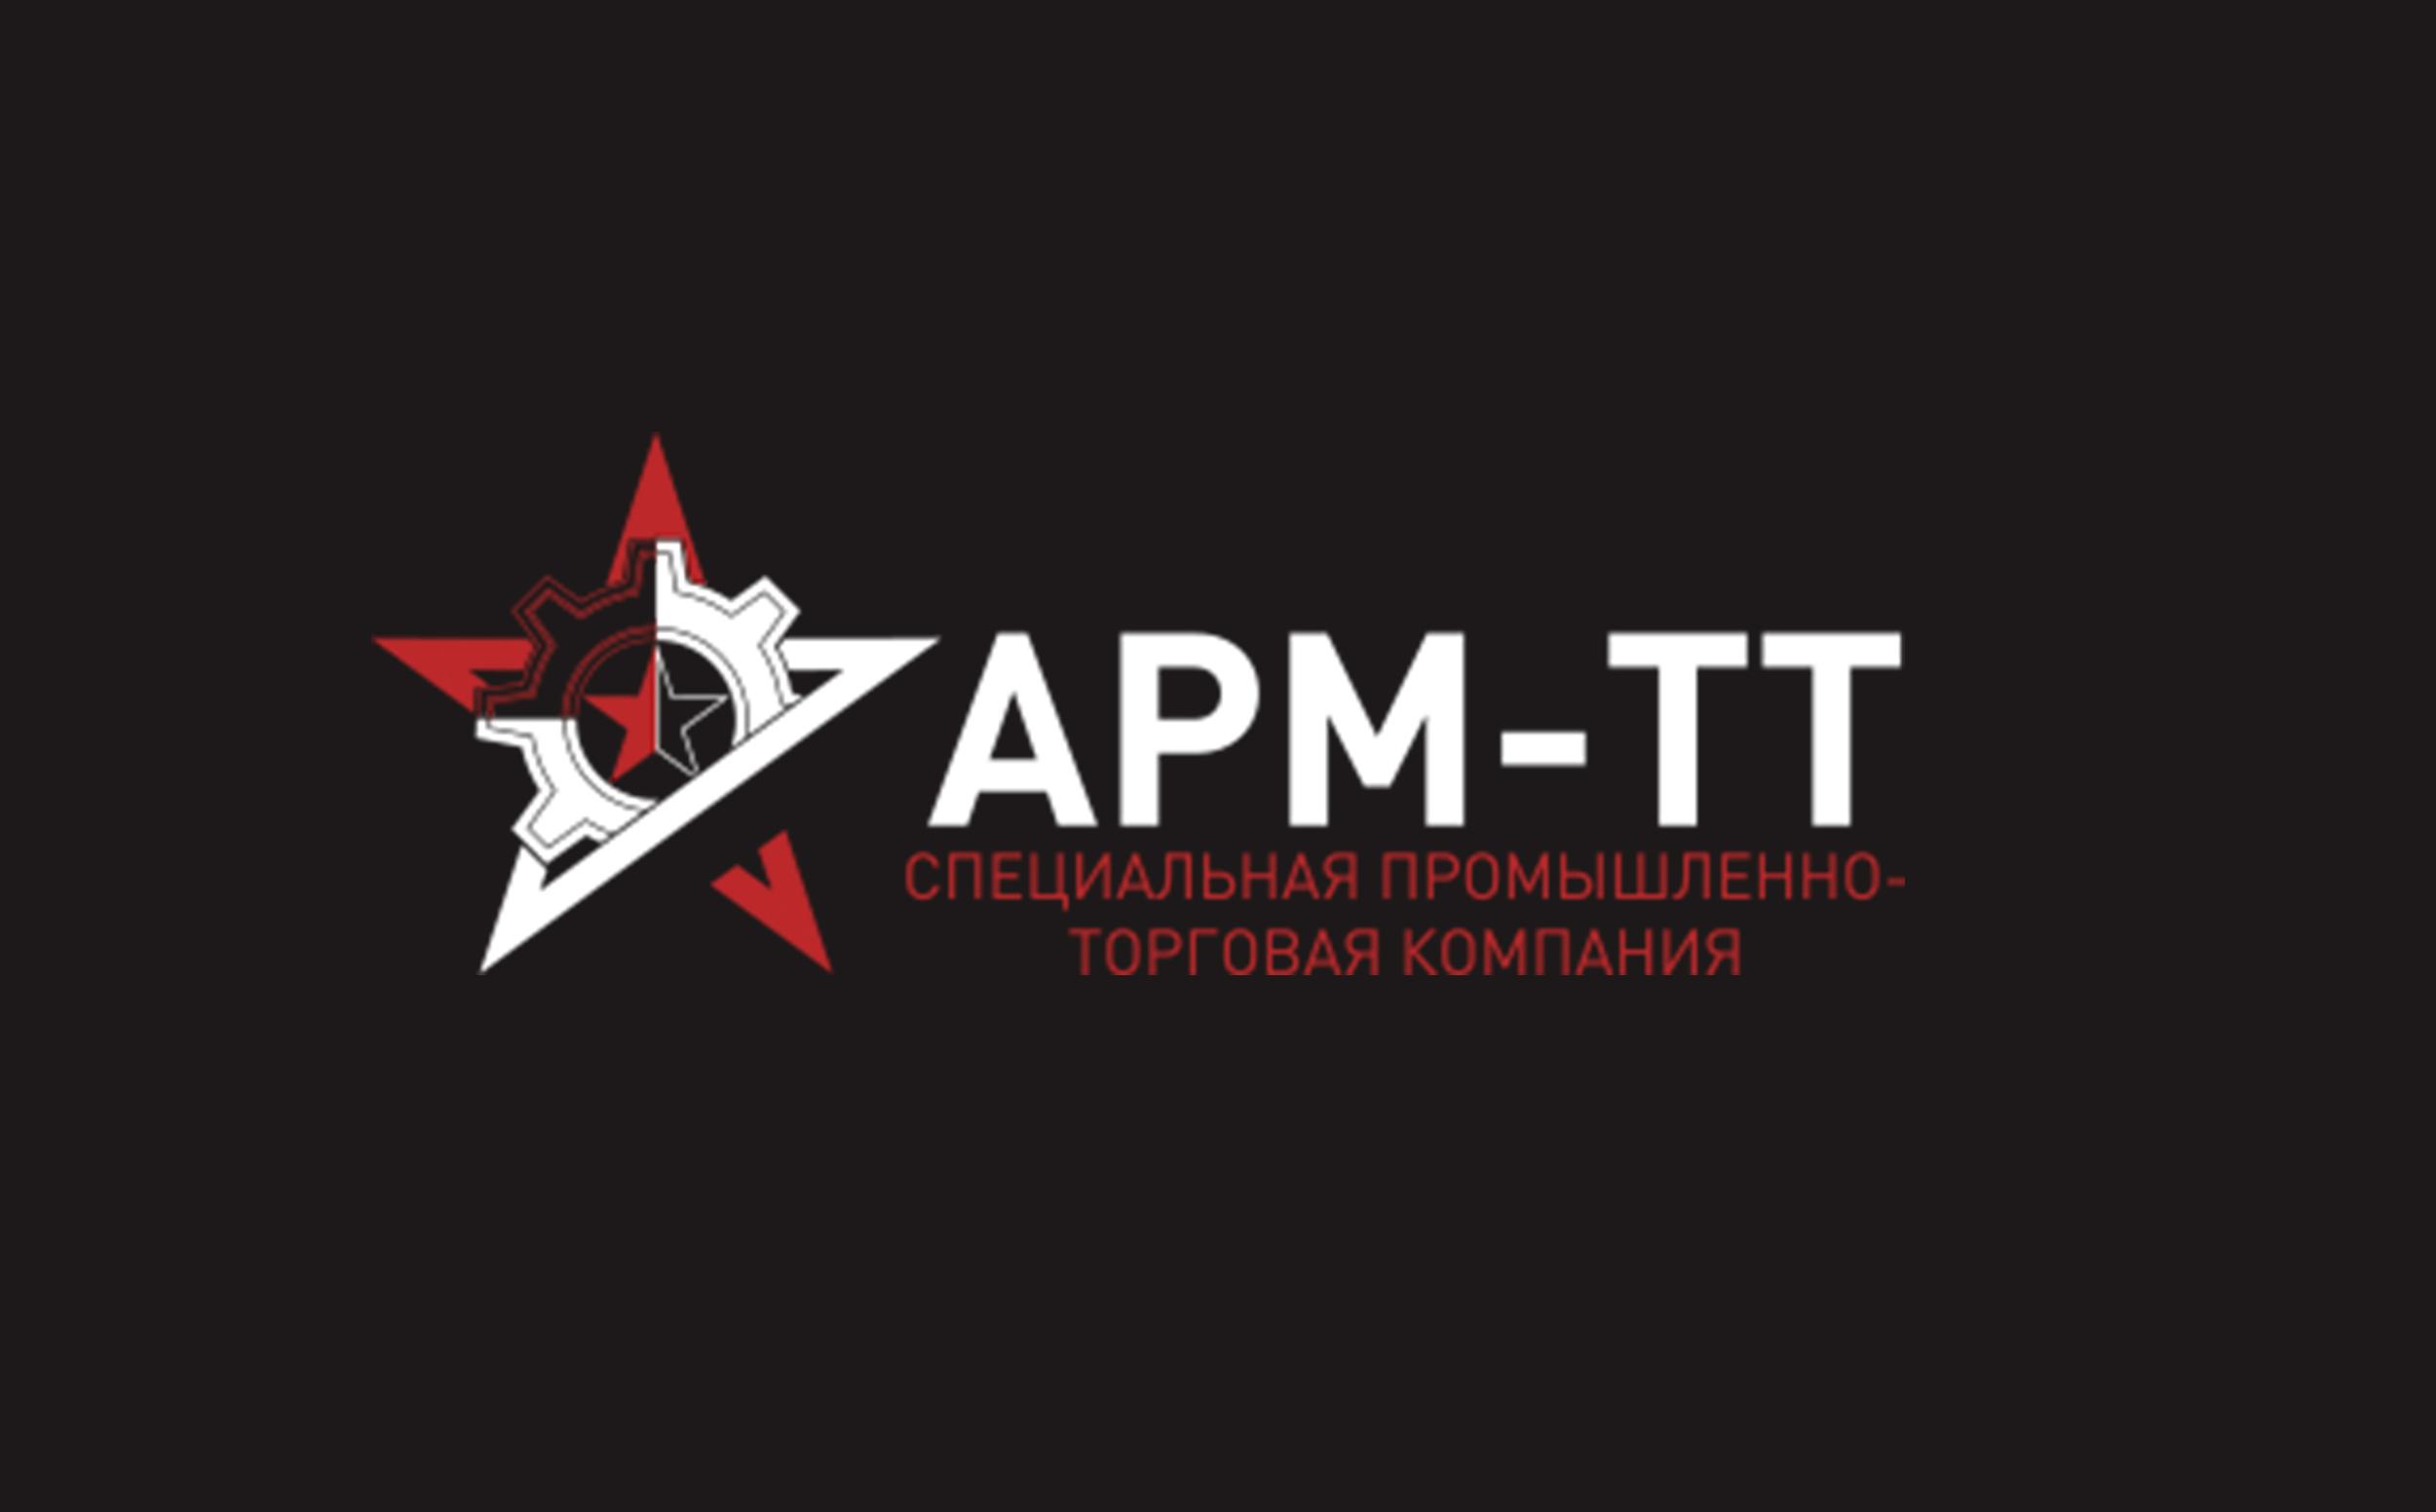 techandall-ARMTTT